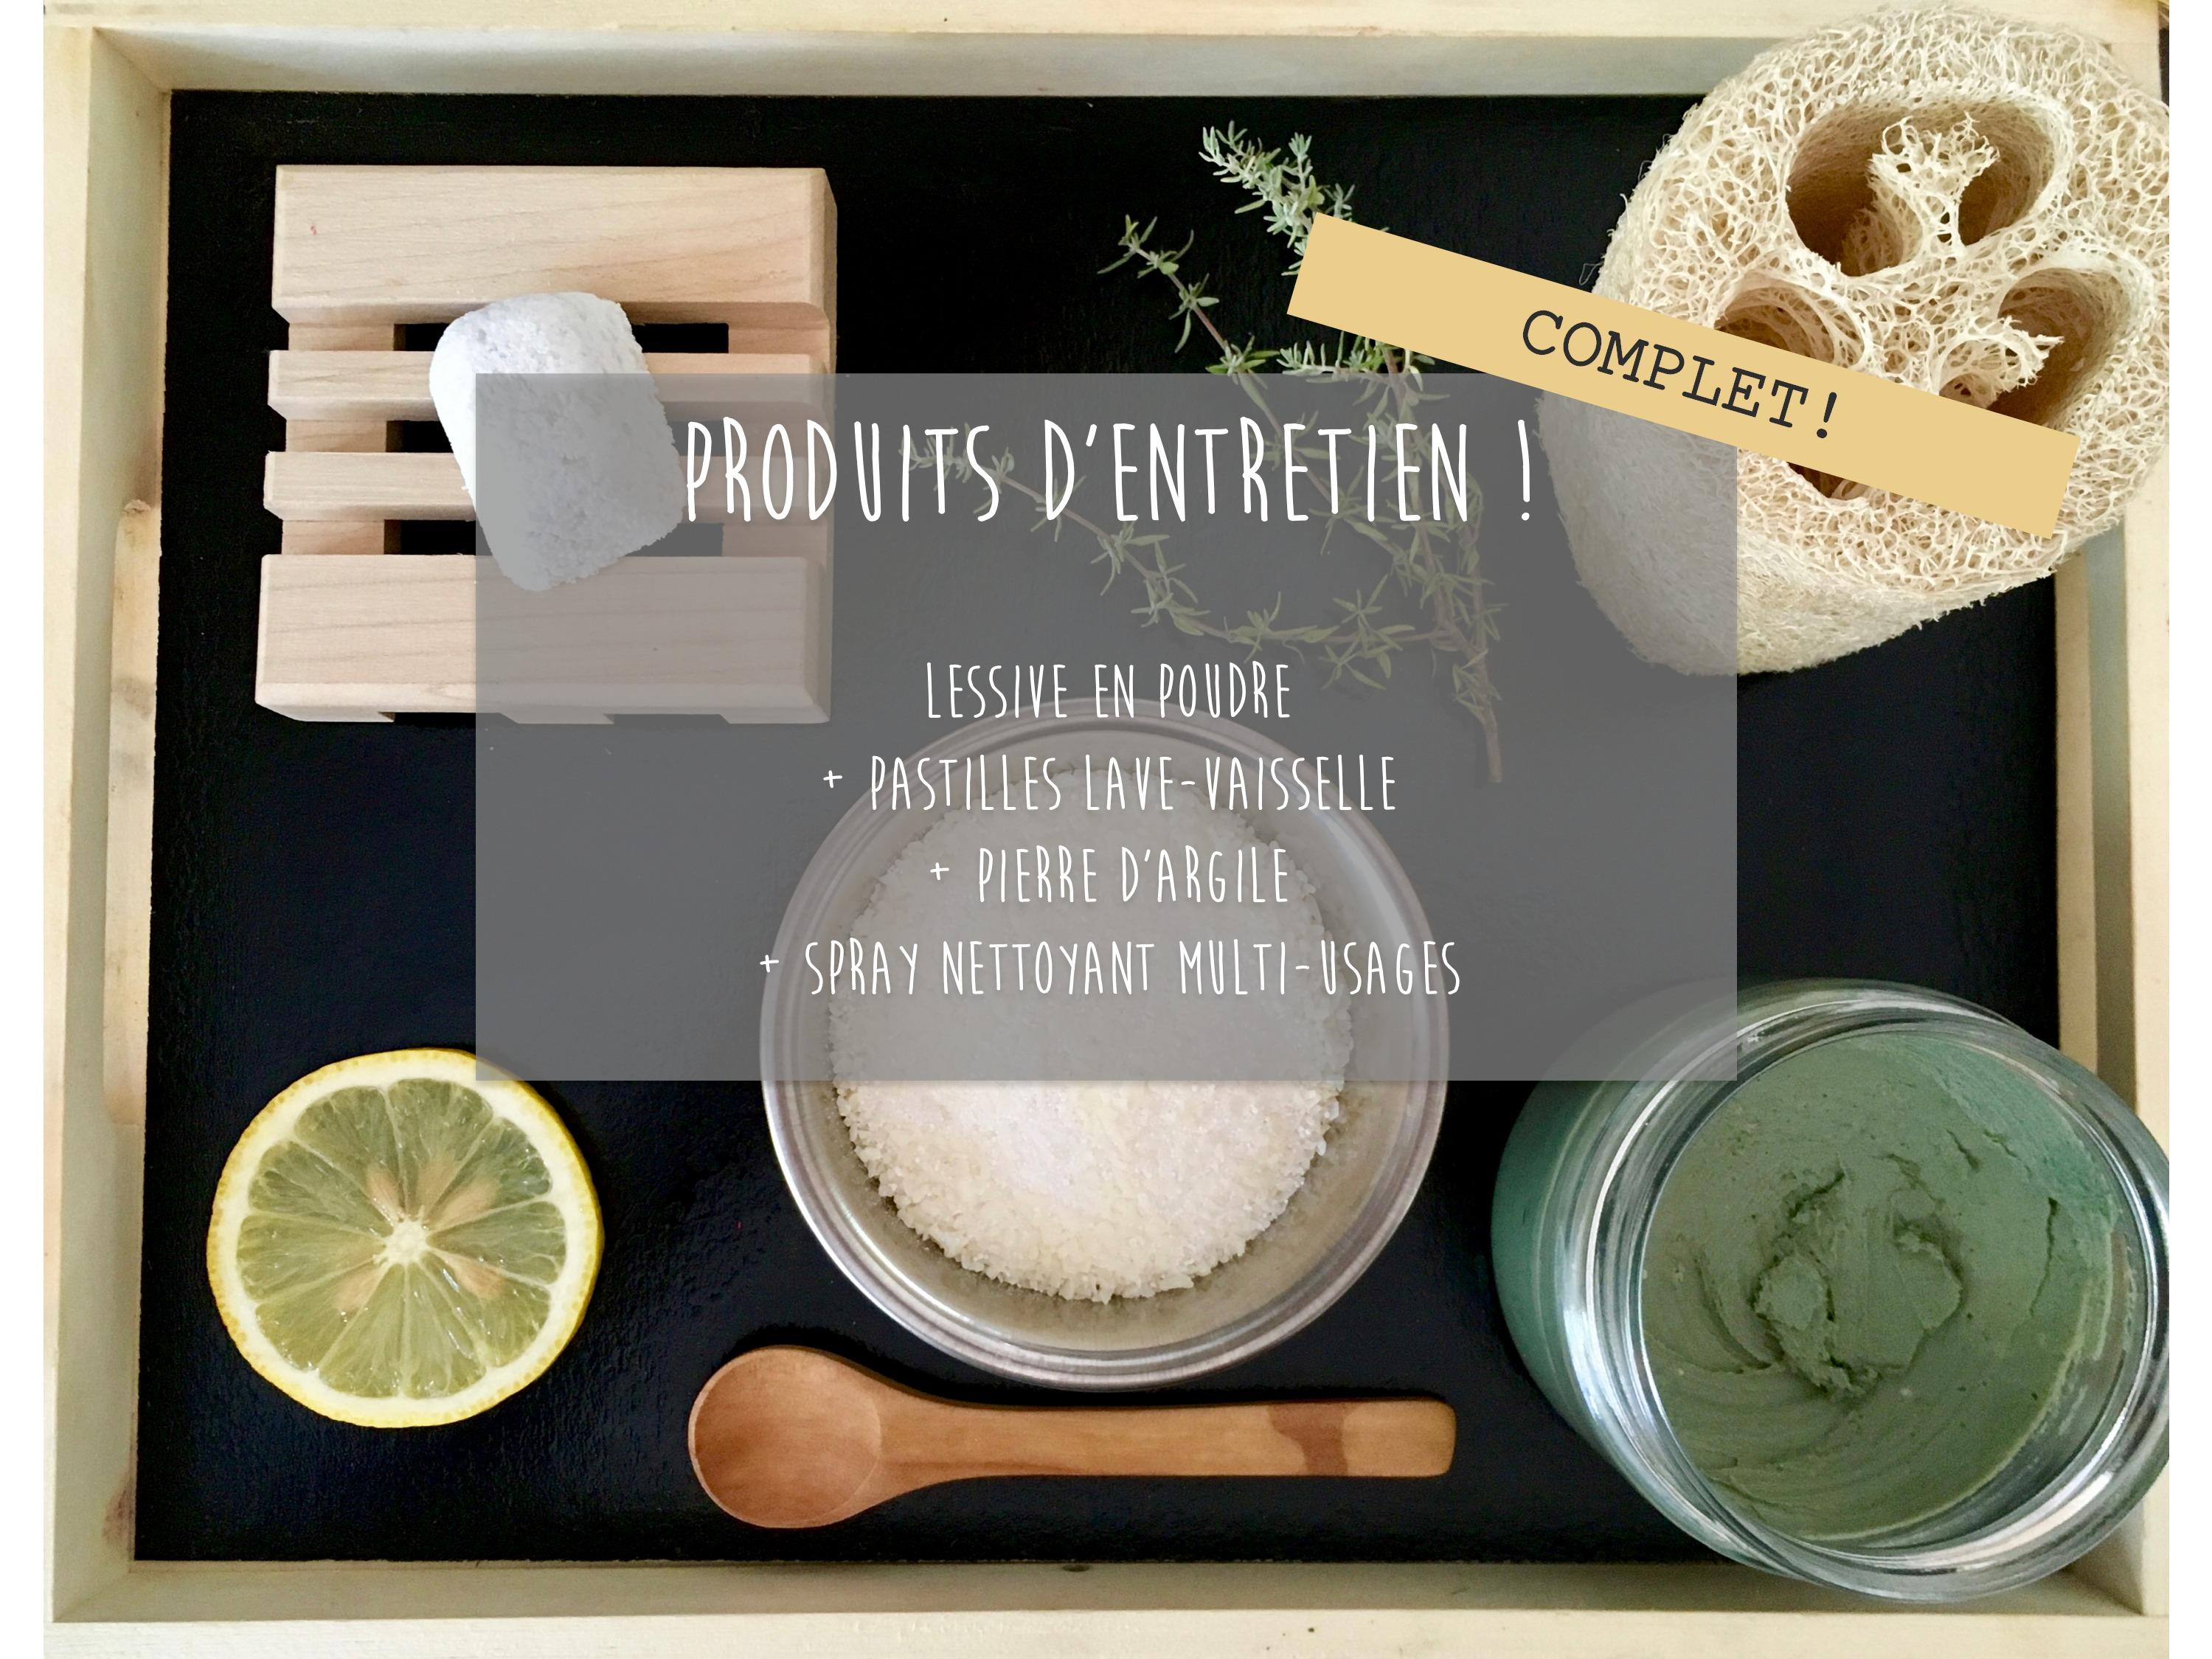 Entretien Du Lave Vaisselle atelier produits d'entretien: lessive + pastilles lave-vaisselle + pierre  d'argile + spray nettoyant